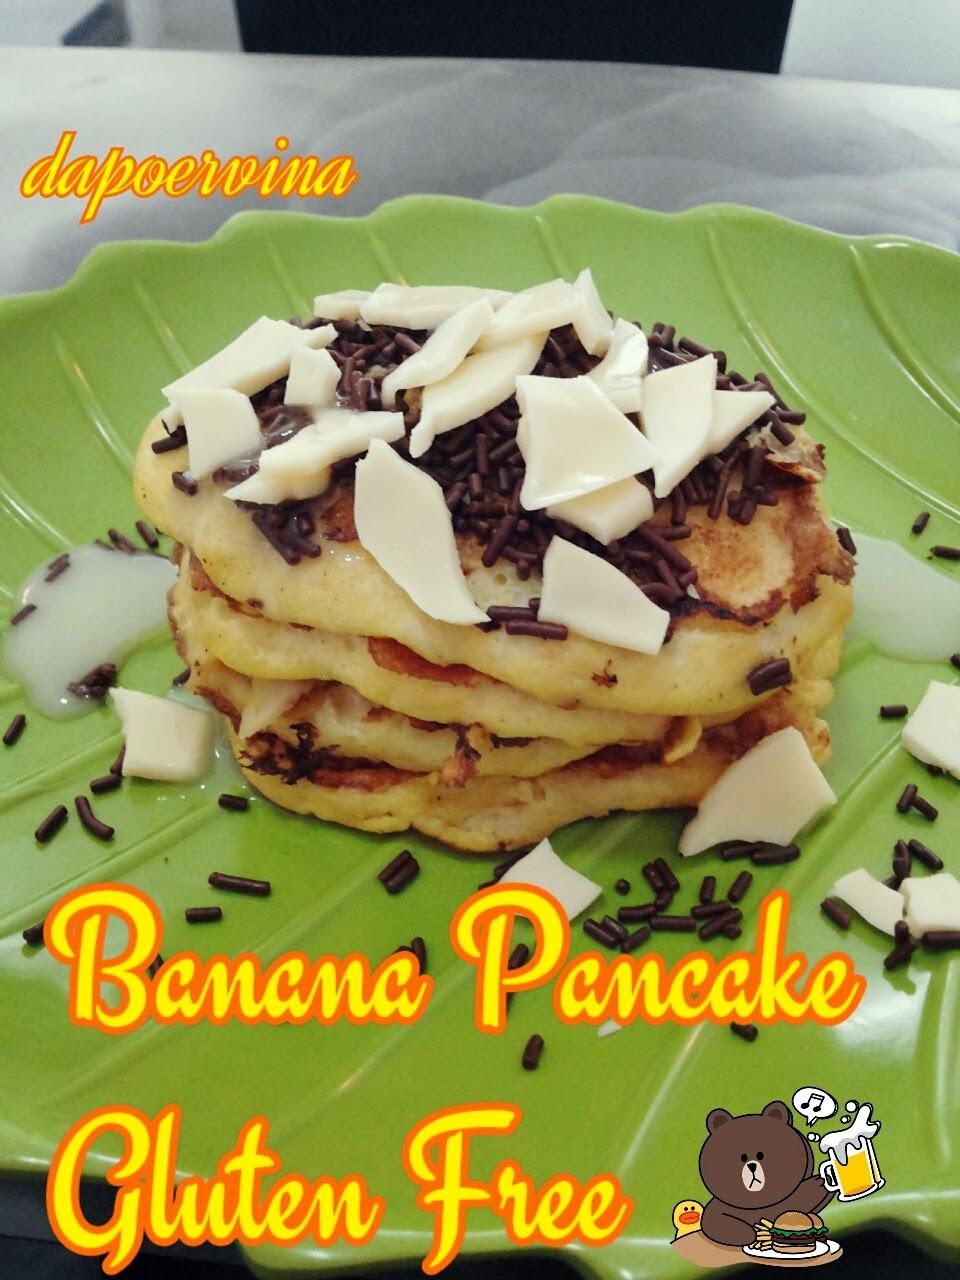 Dapoer Vina : Banana Pancake Gluten Free